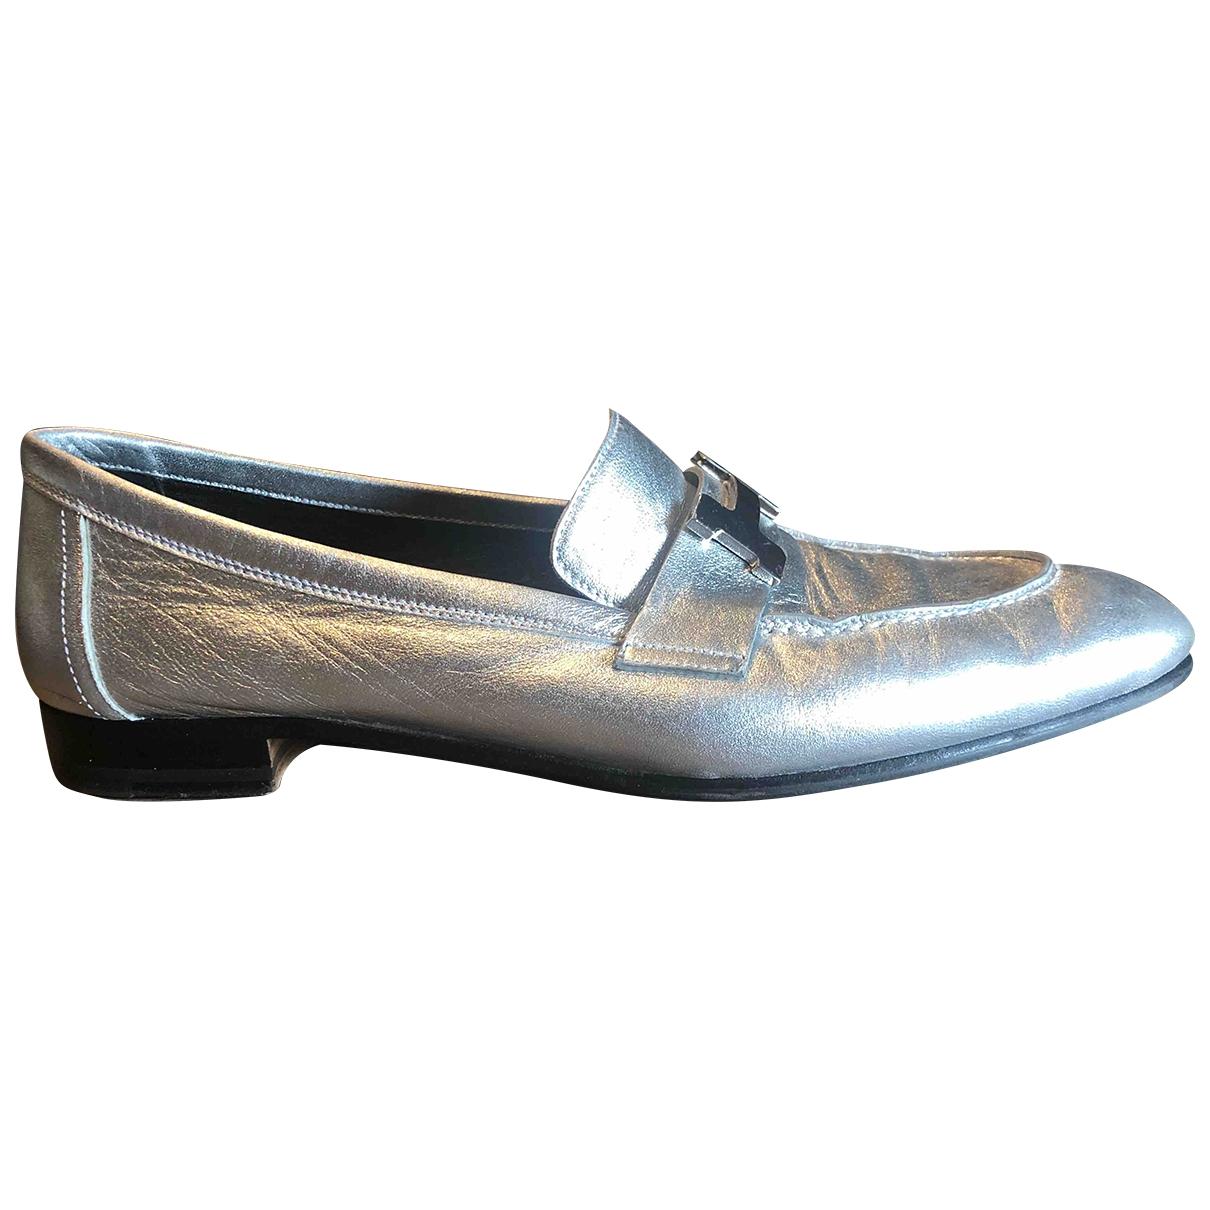 Hermès Paris Silver Leather Flats for Women 38 EU